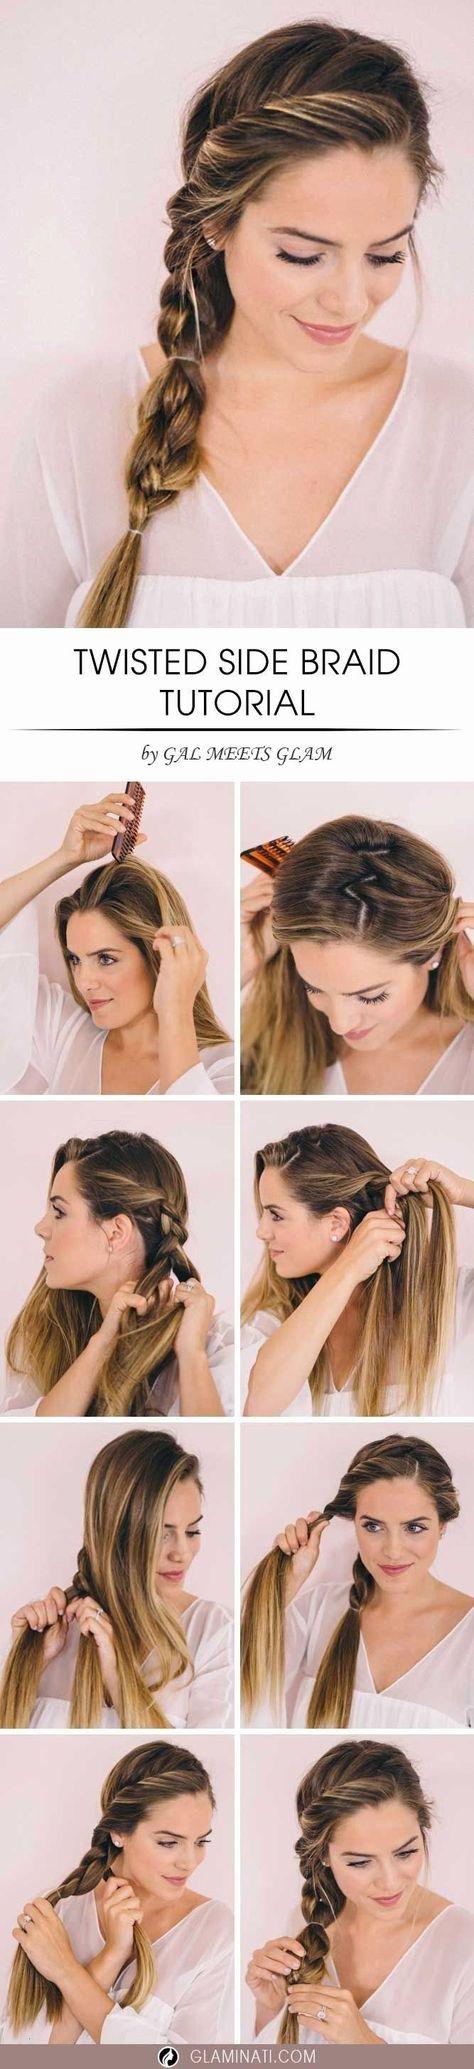 Schnelle frisuren zusammengebunden – Beliebte Frisuren 2020